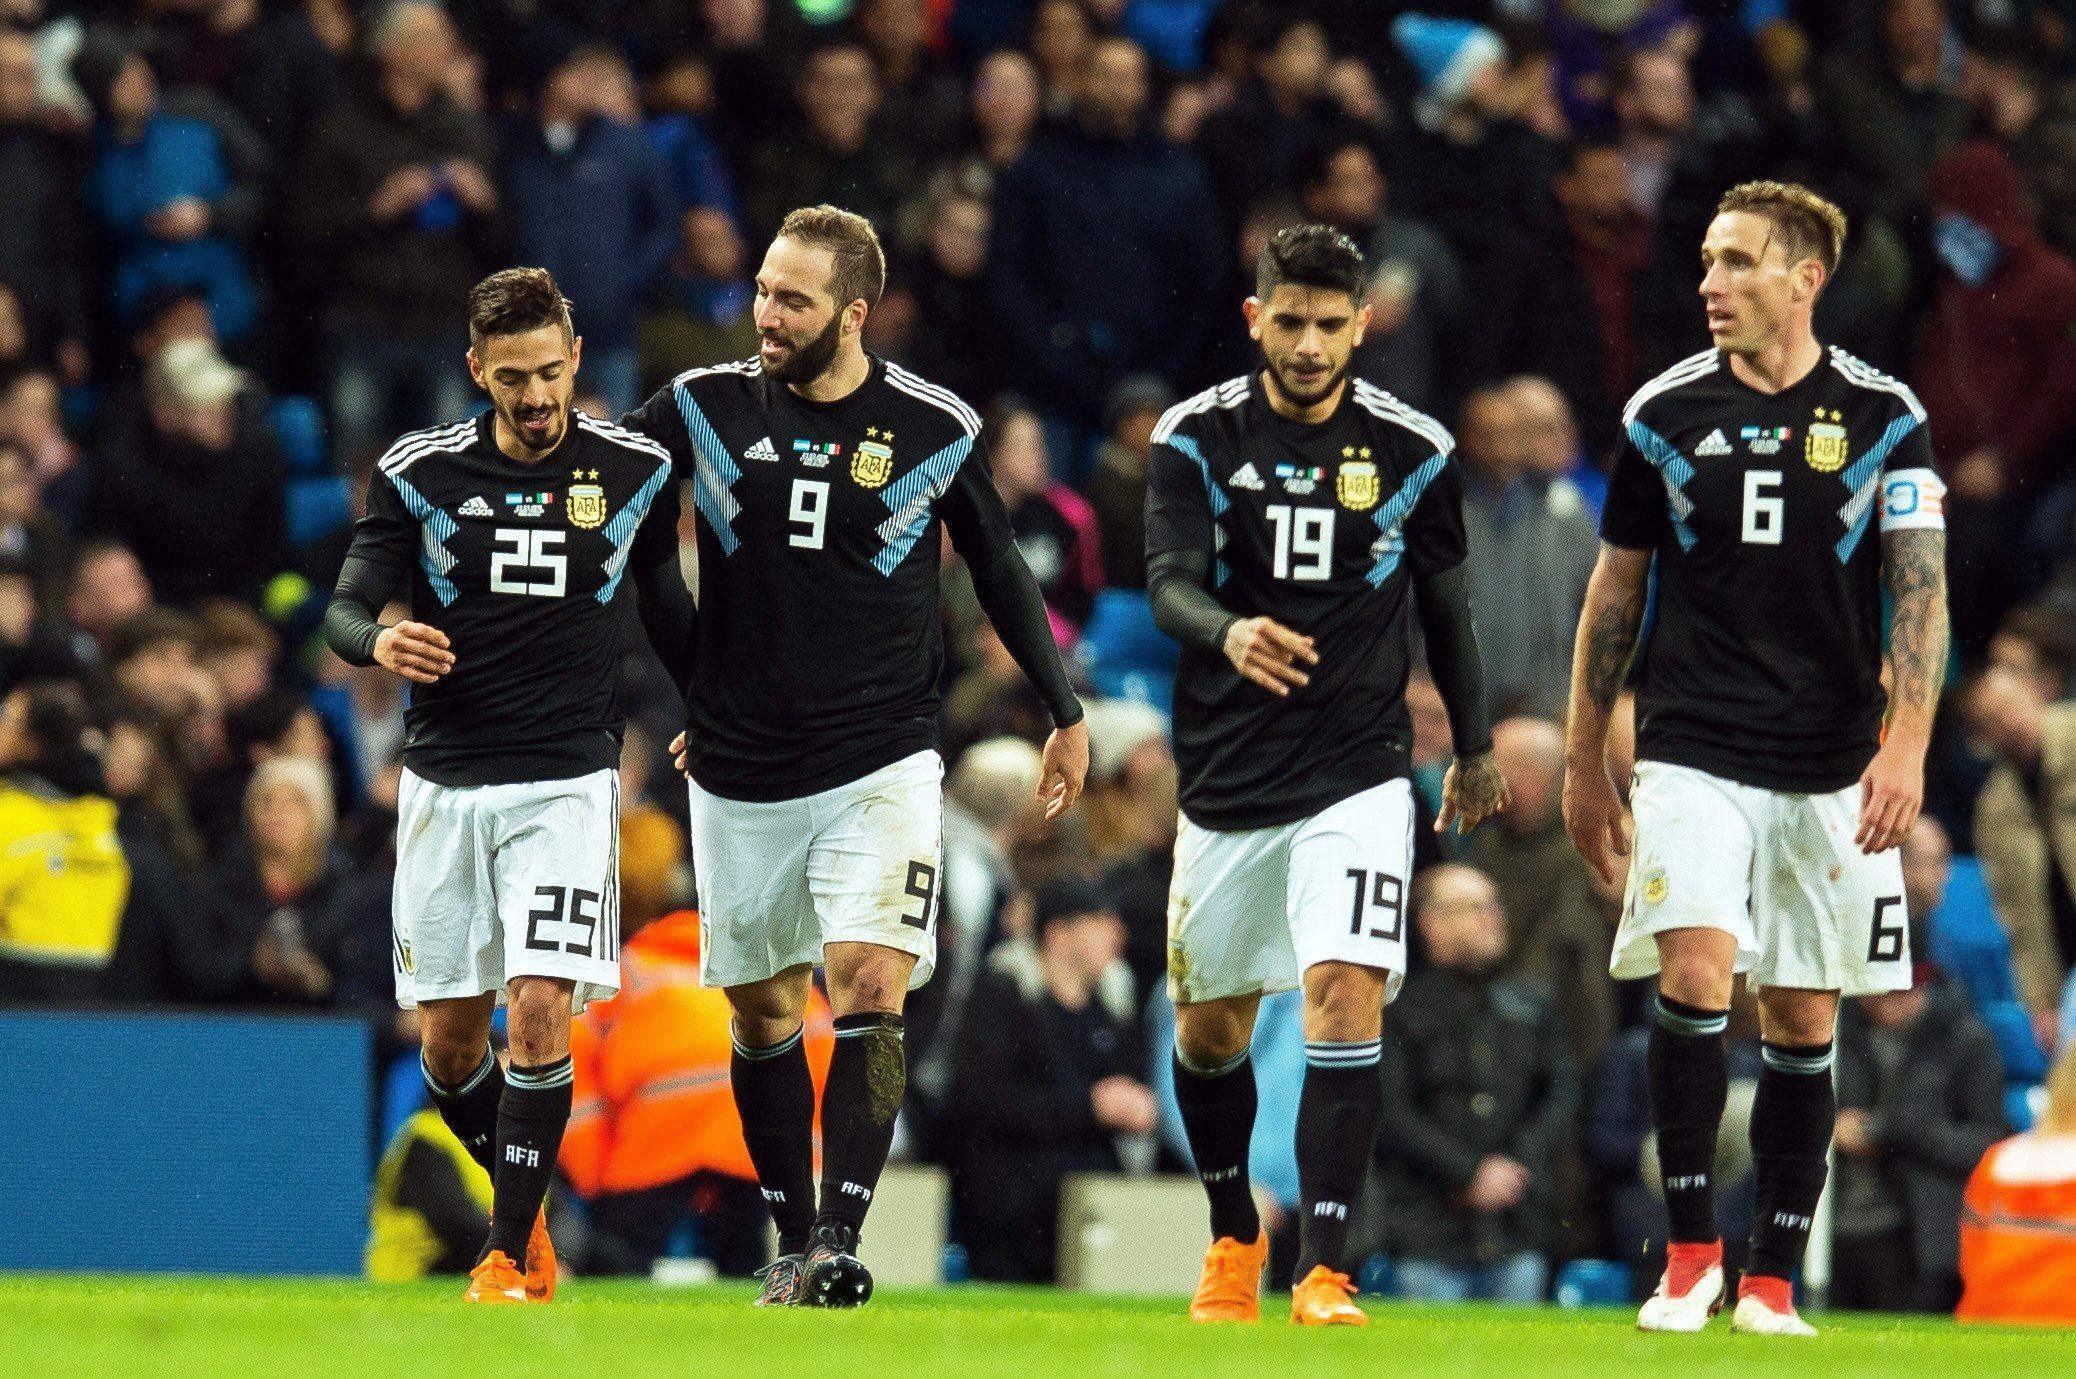 ¡A Rusia, con todo! Argentina le ganó a Italia en Manchester con dos golazos